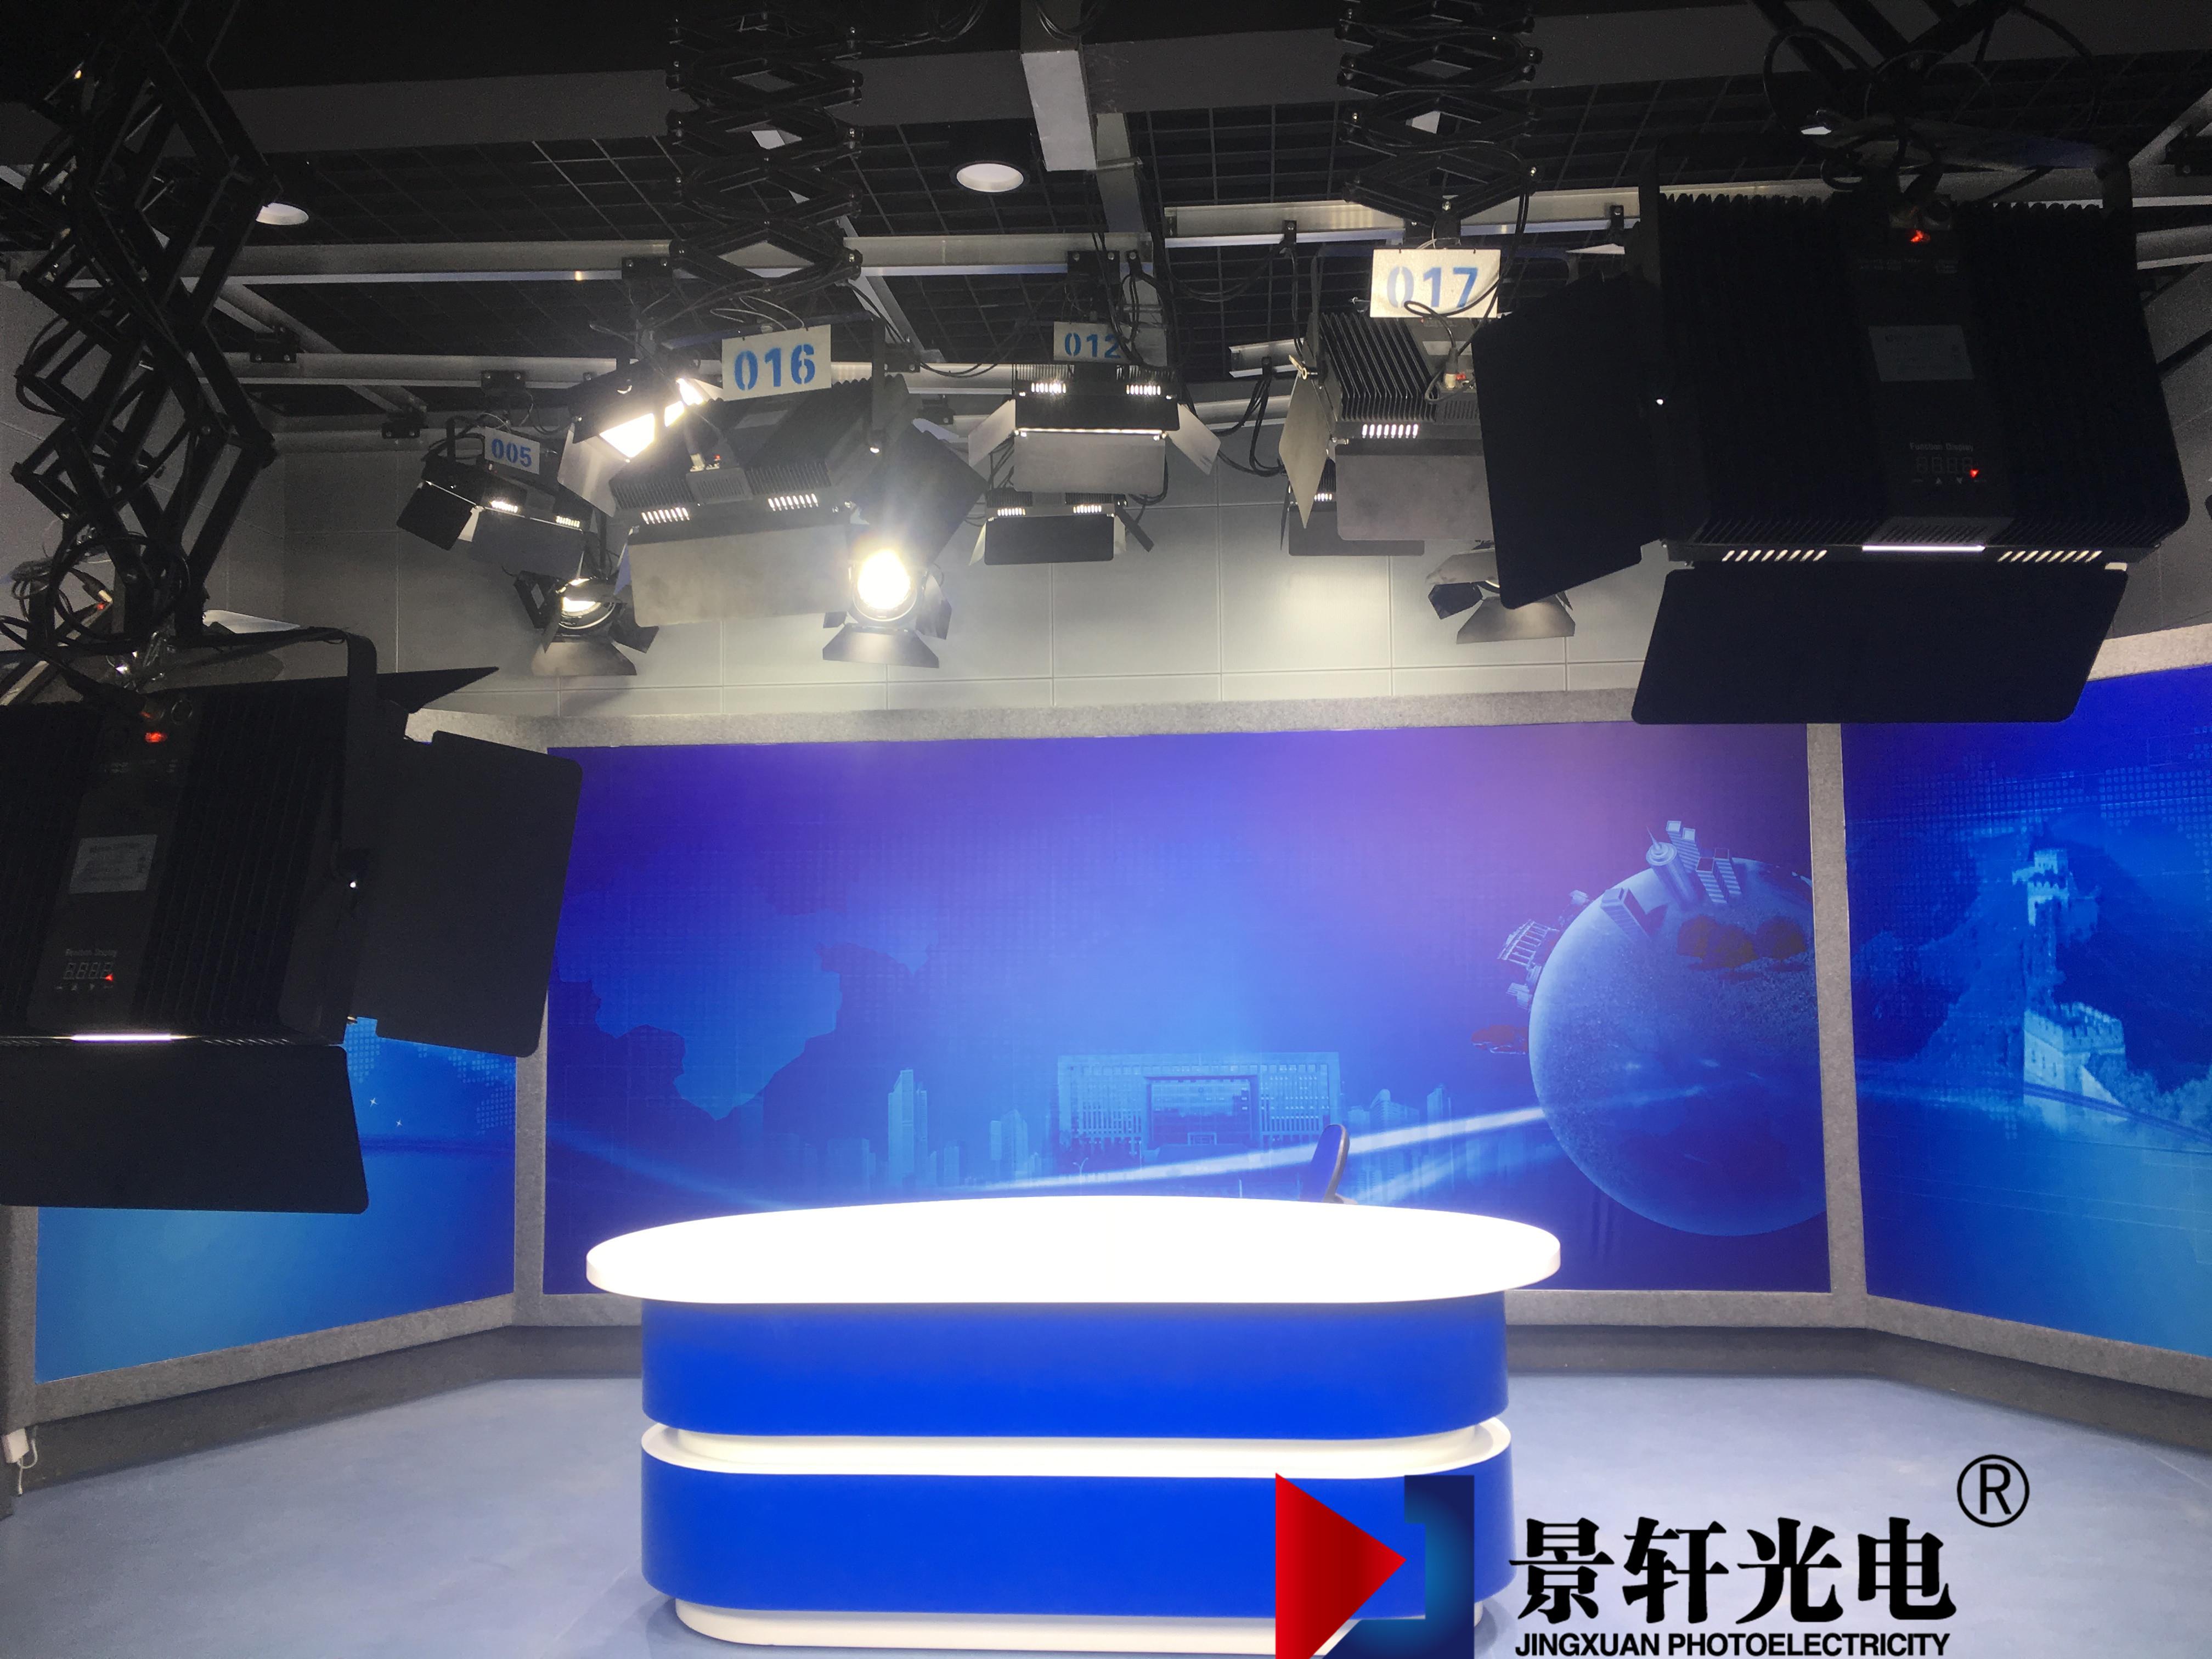 滁州市公安局新闻中心演播室1_副本